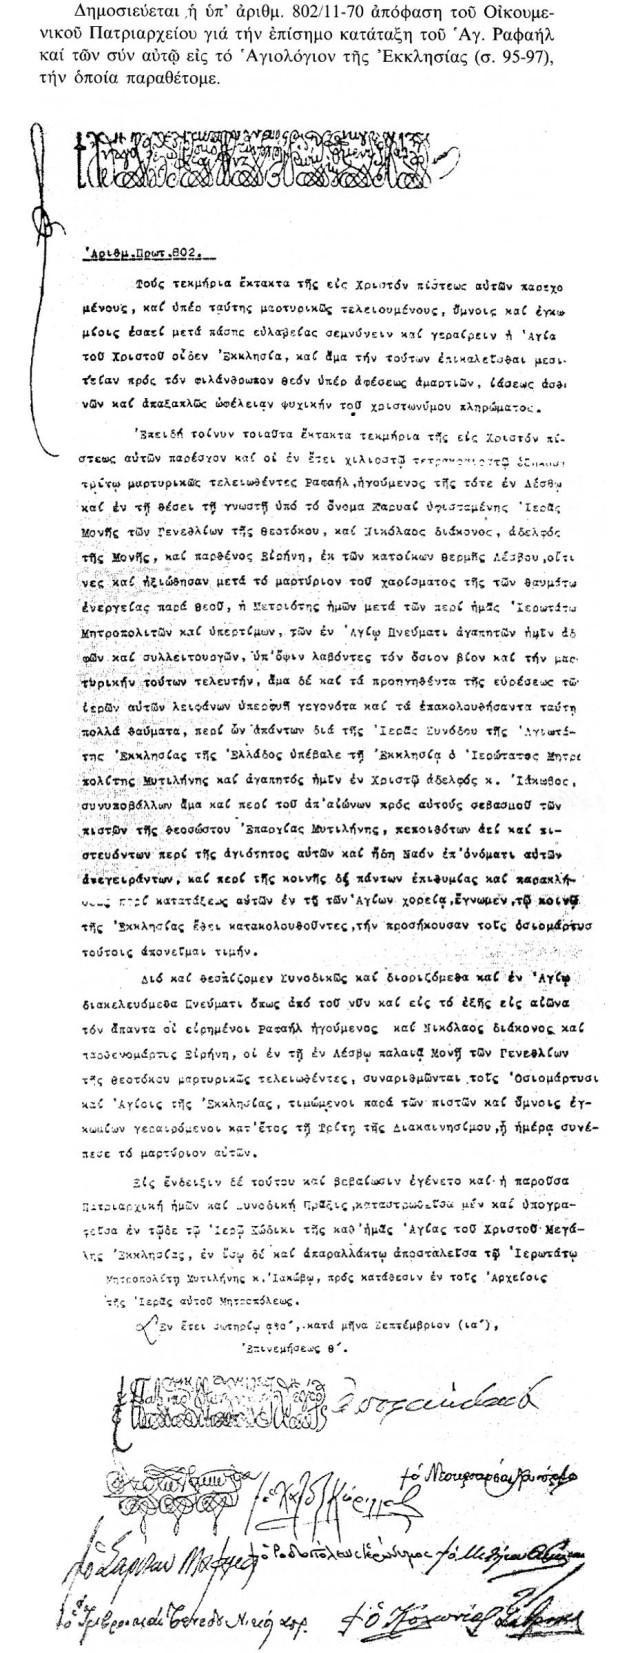 Επίσημος κατάταξη του Αγ. Ραφαήλ και των συν αυτώ, εις το Αγιολόγιον της Εκκλησίας